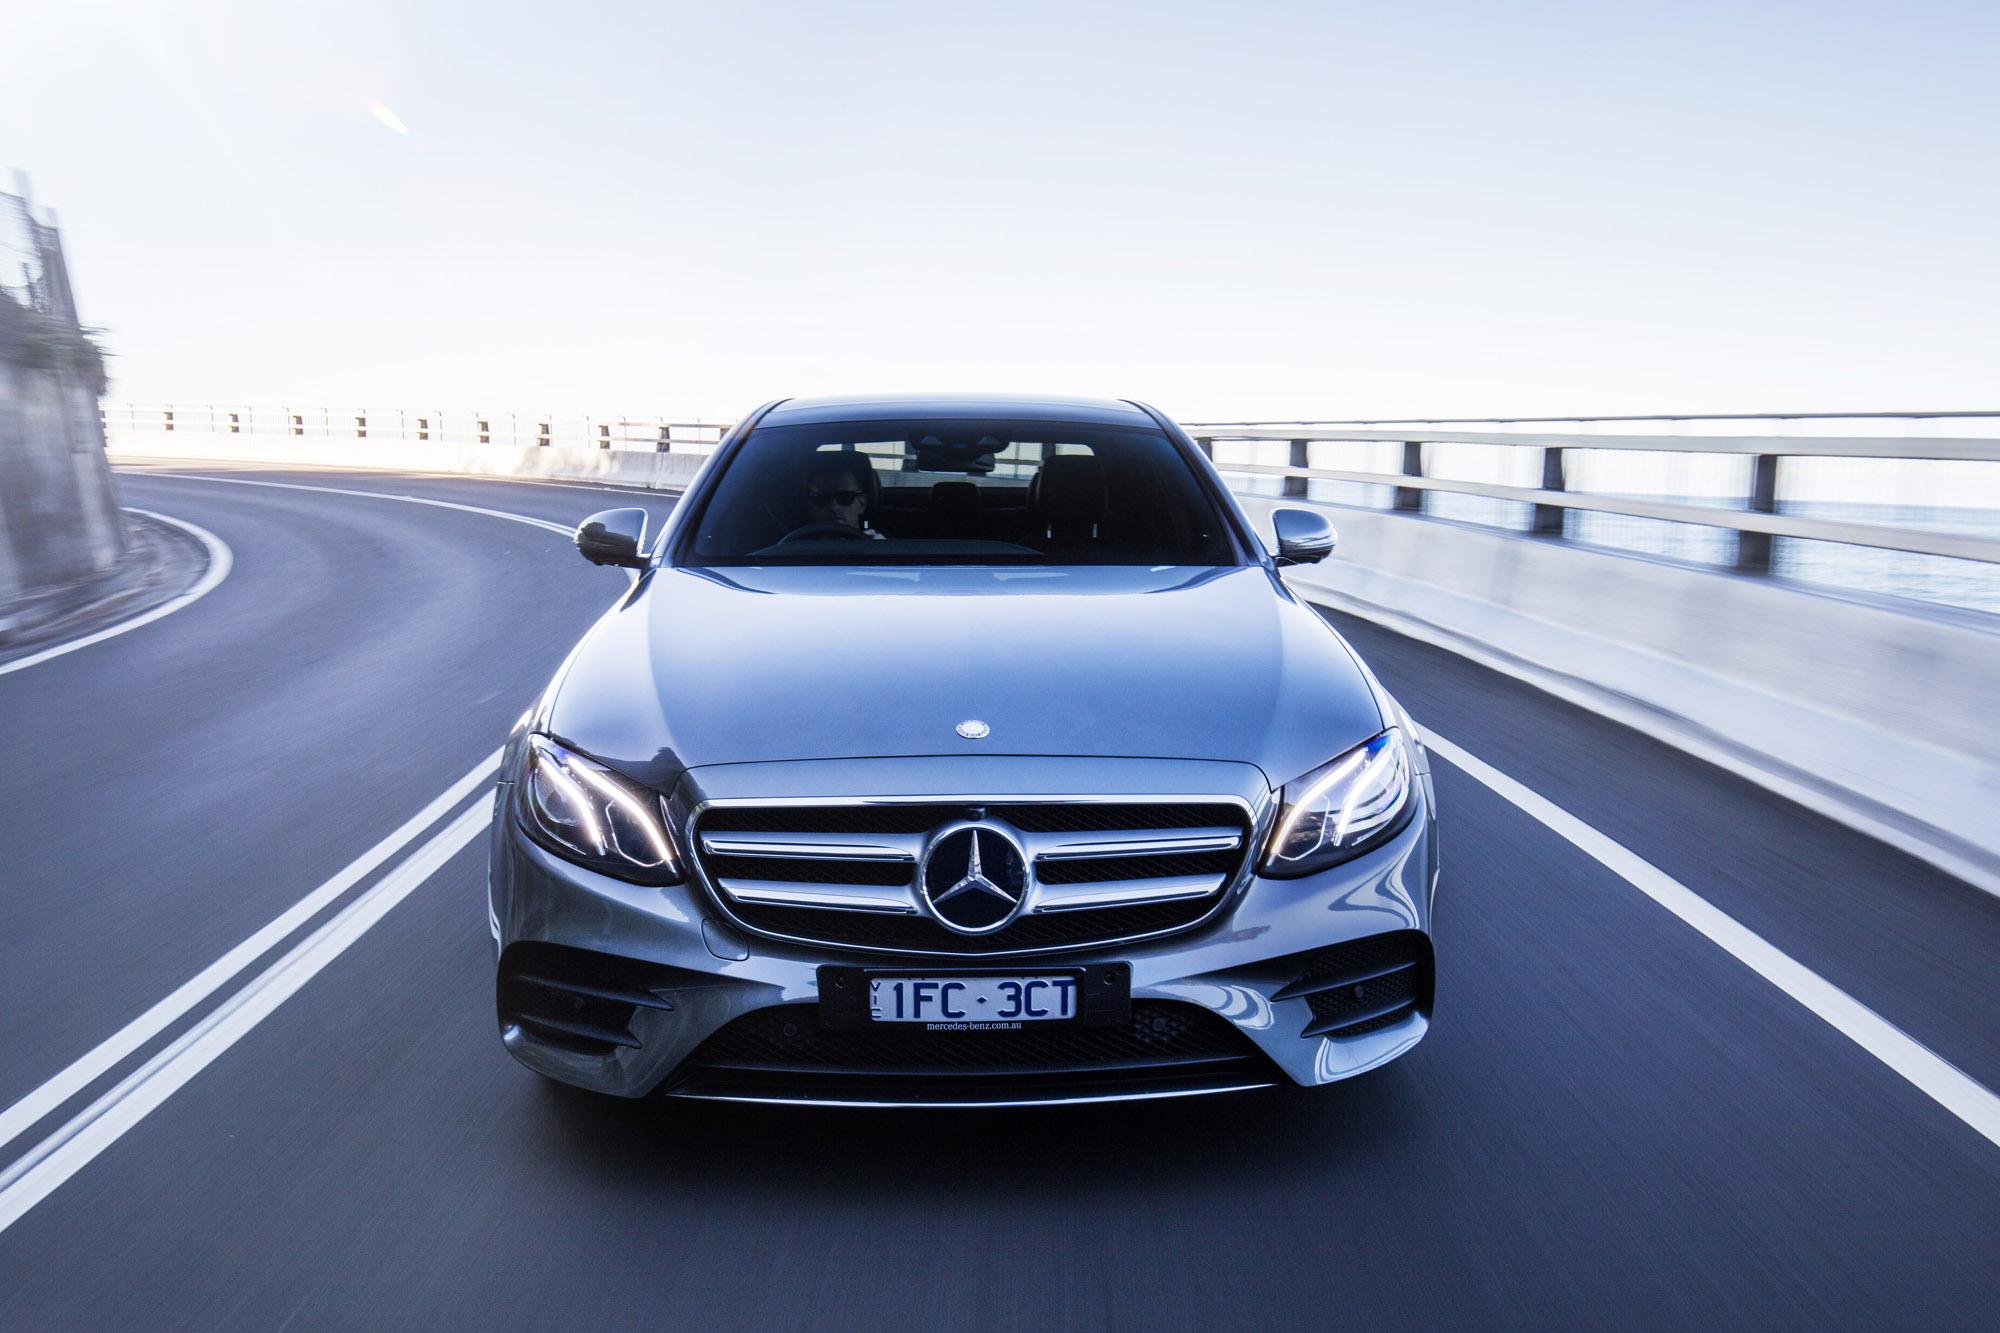 Mercedes Benz Motoröl : 2016 mercedes benz e class review caradvice ~ Aude.kayakingforconservation.com Haus und Dekorationen